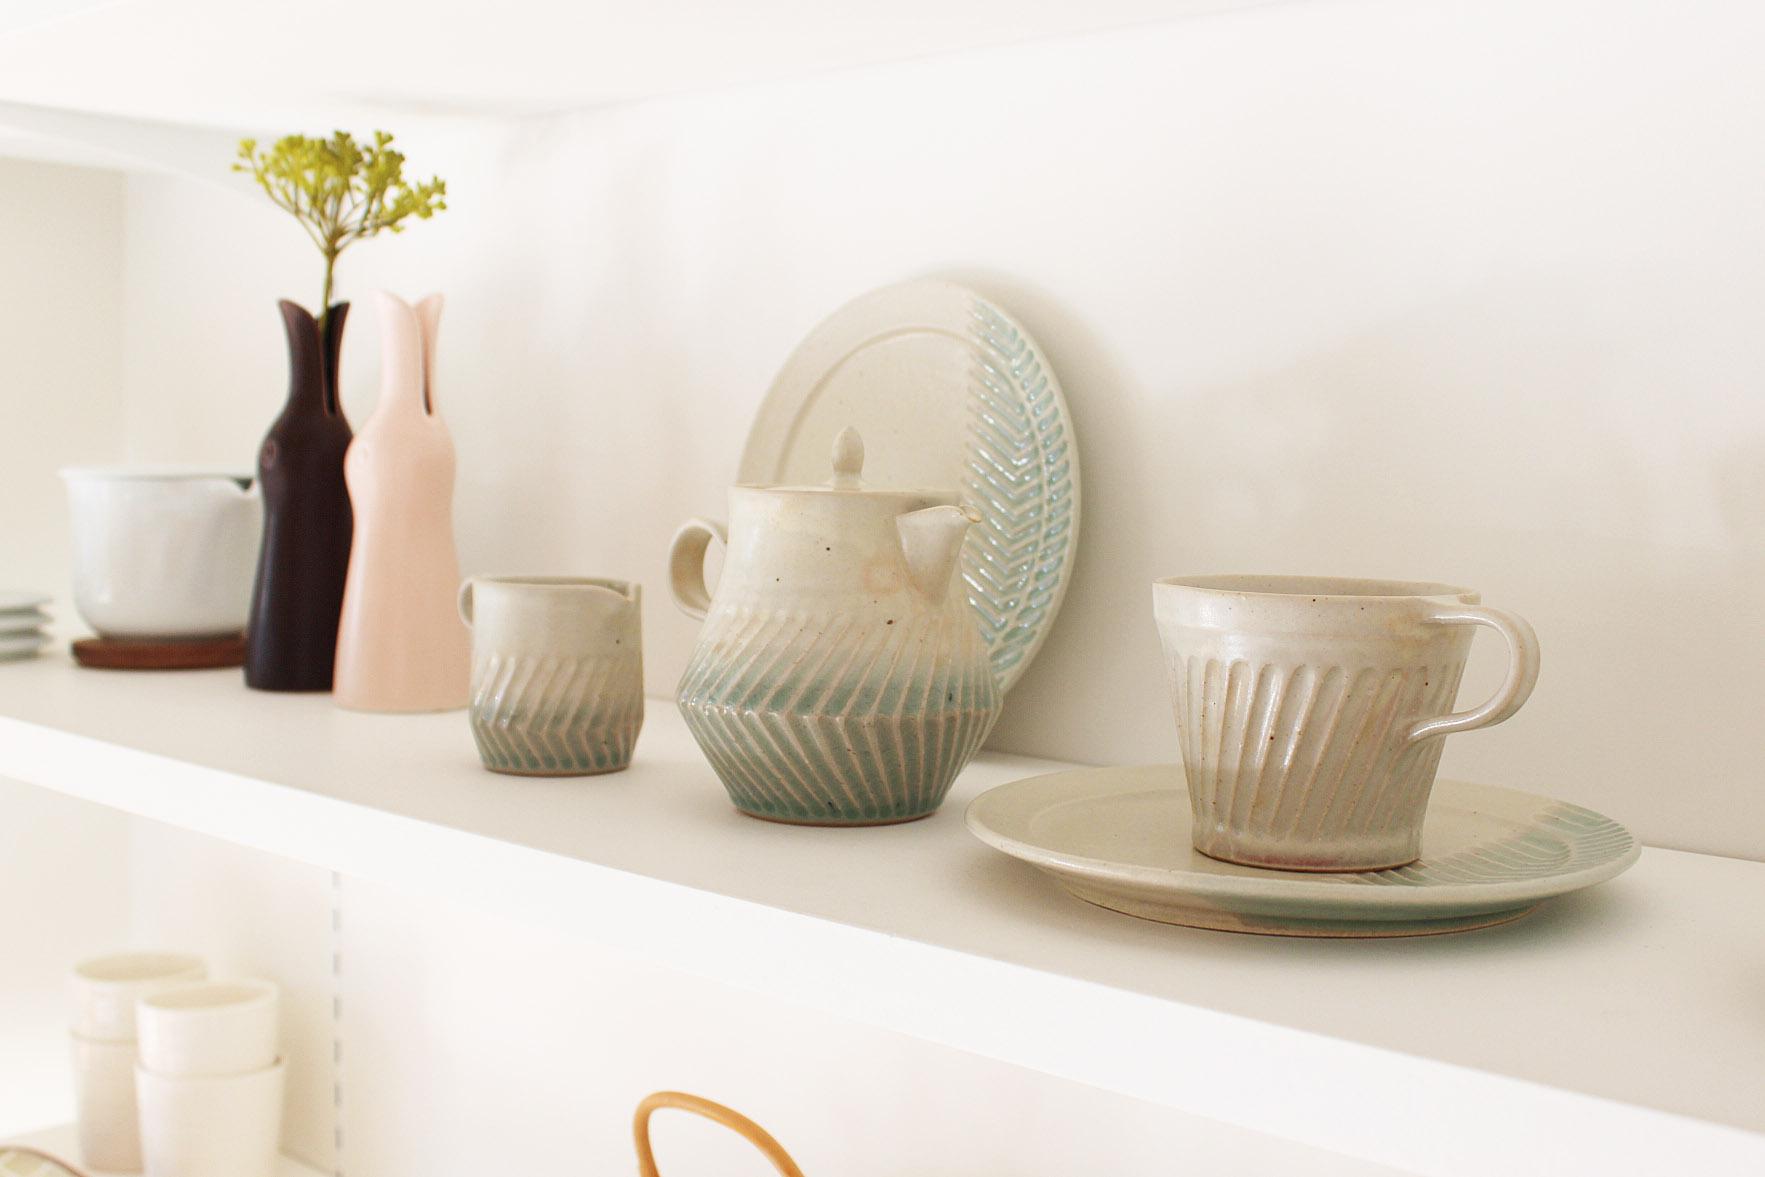 画像1: Mishin pottery creation  「soak」マグカップ (1)